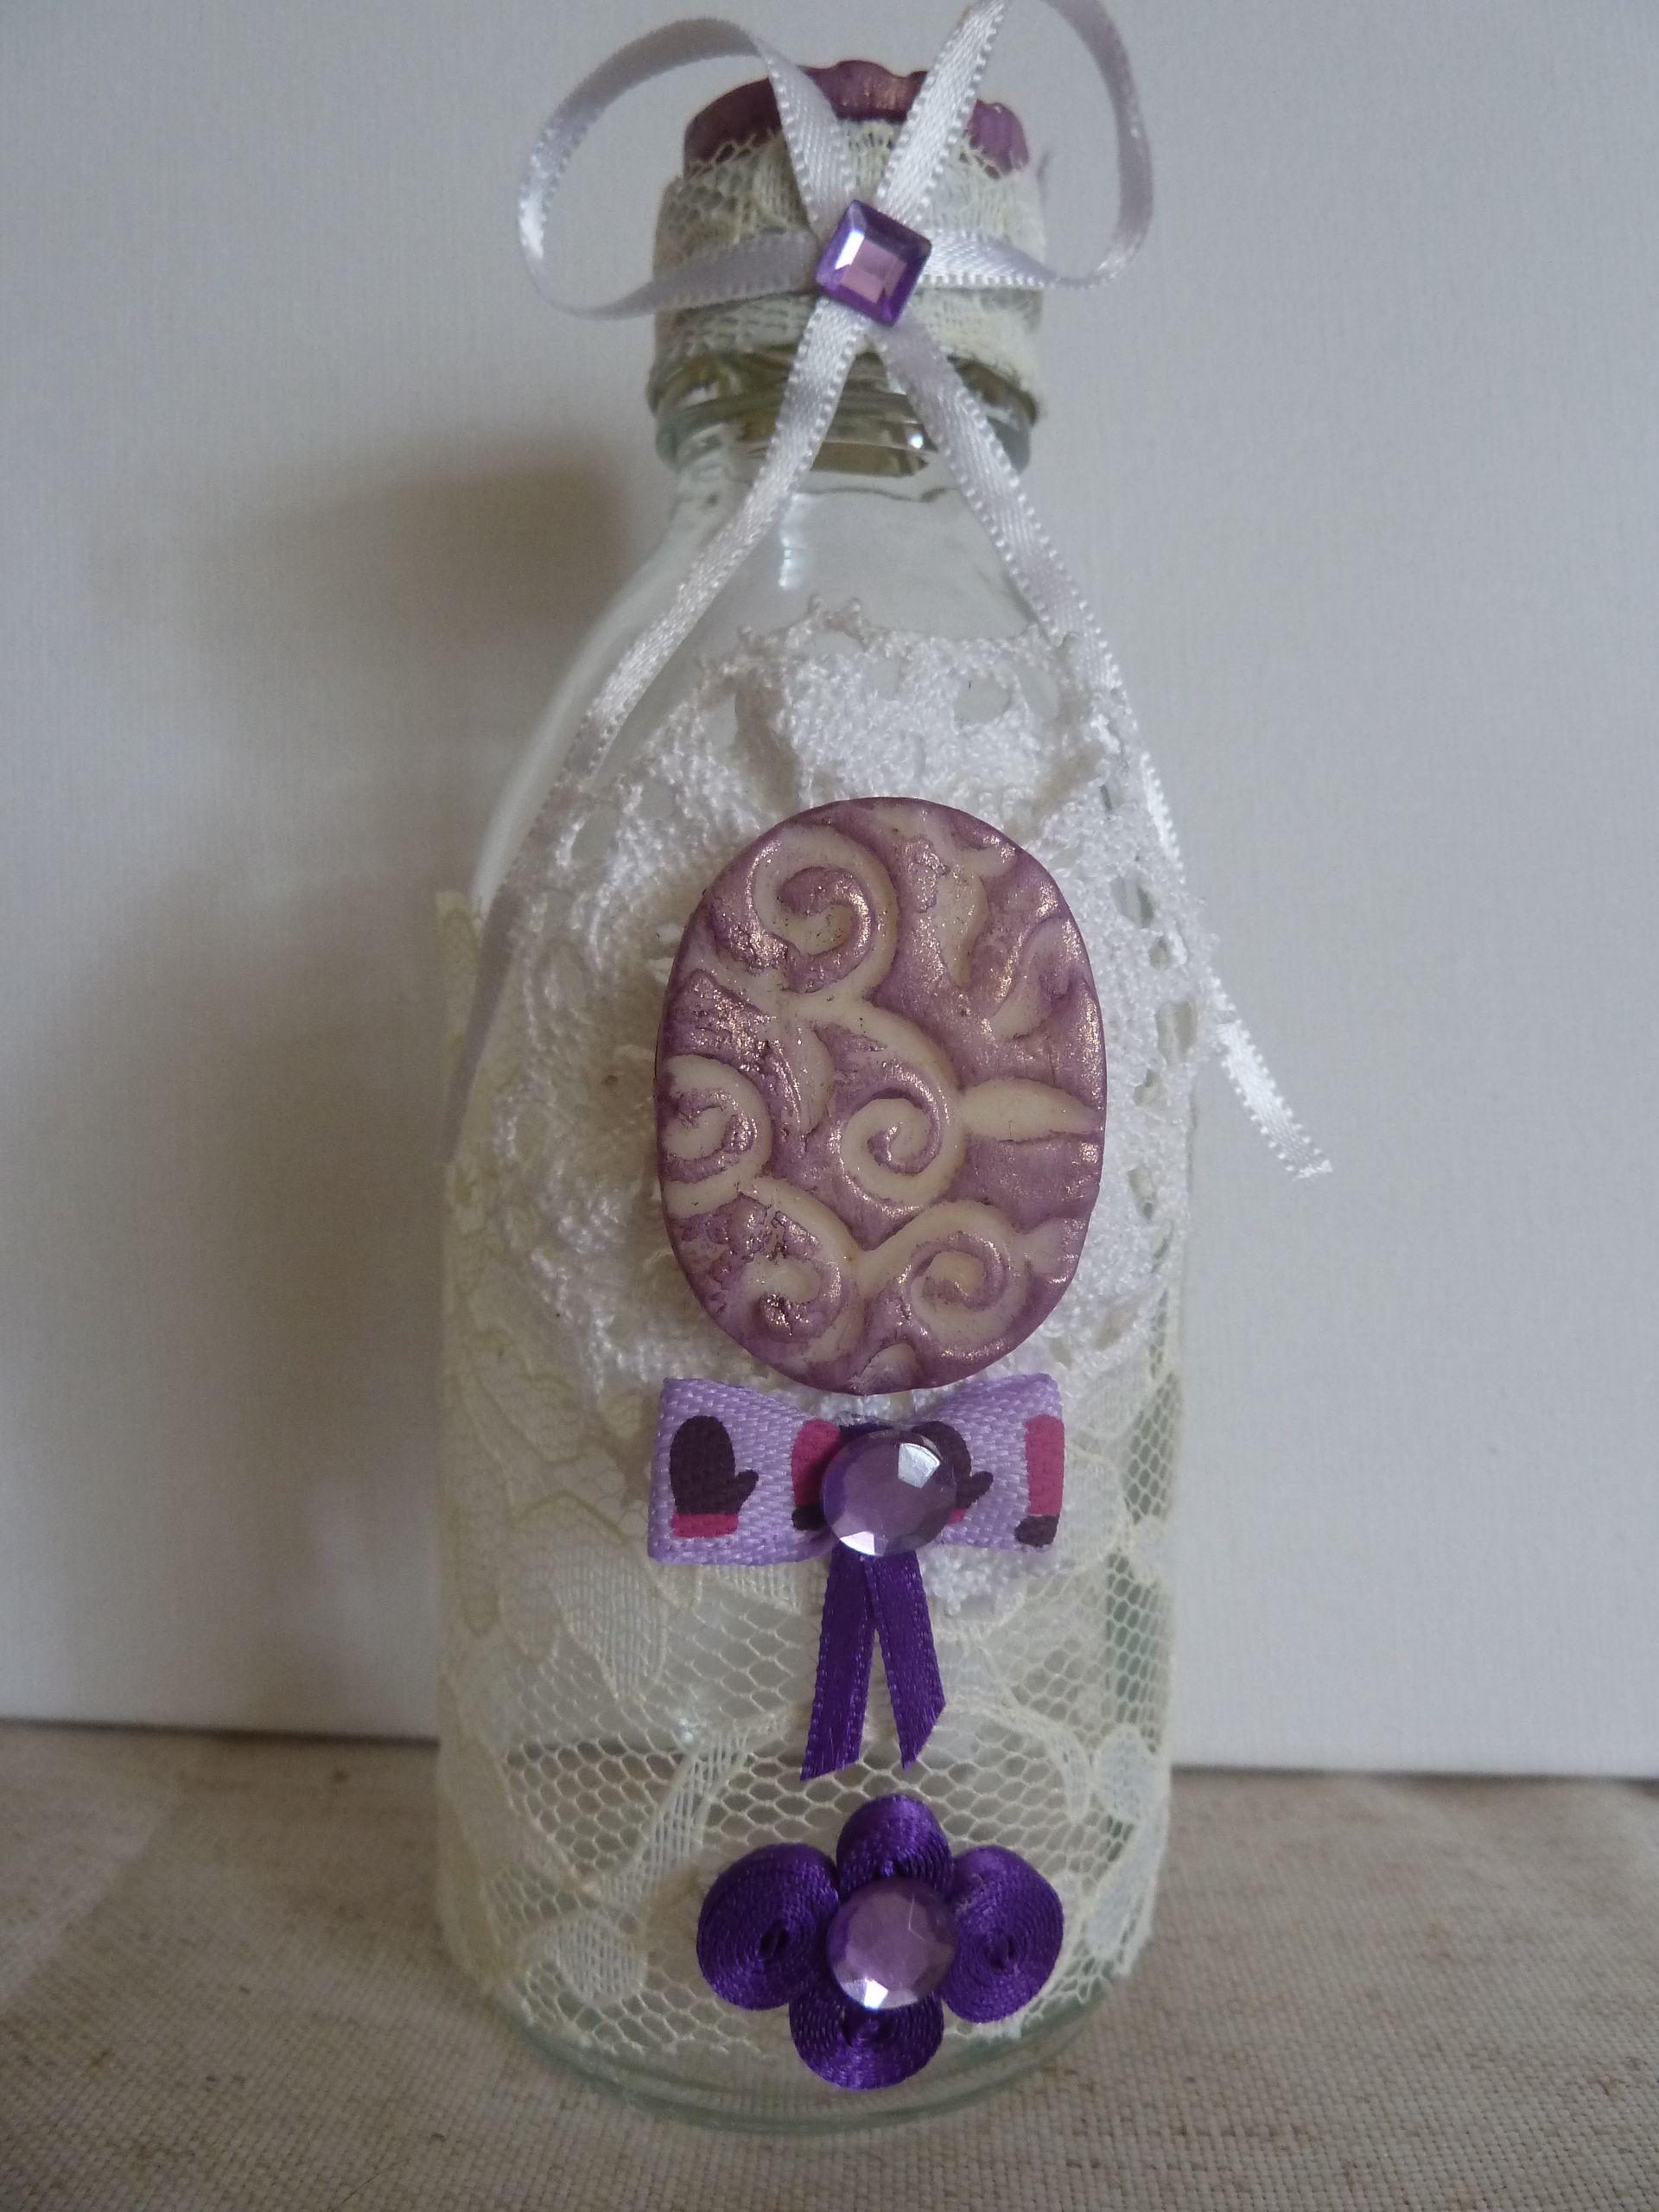 Bouteille romantique en verre recyclée, décorée de dentelle fine écrue, d'un cabochon en porcelaine froide travaillé et peint, de cabochons violets en tissu, d'un noeud en satin, de strass.